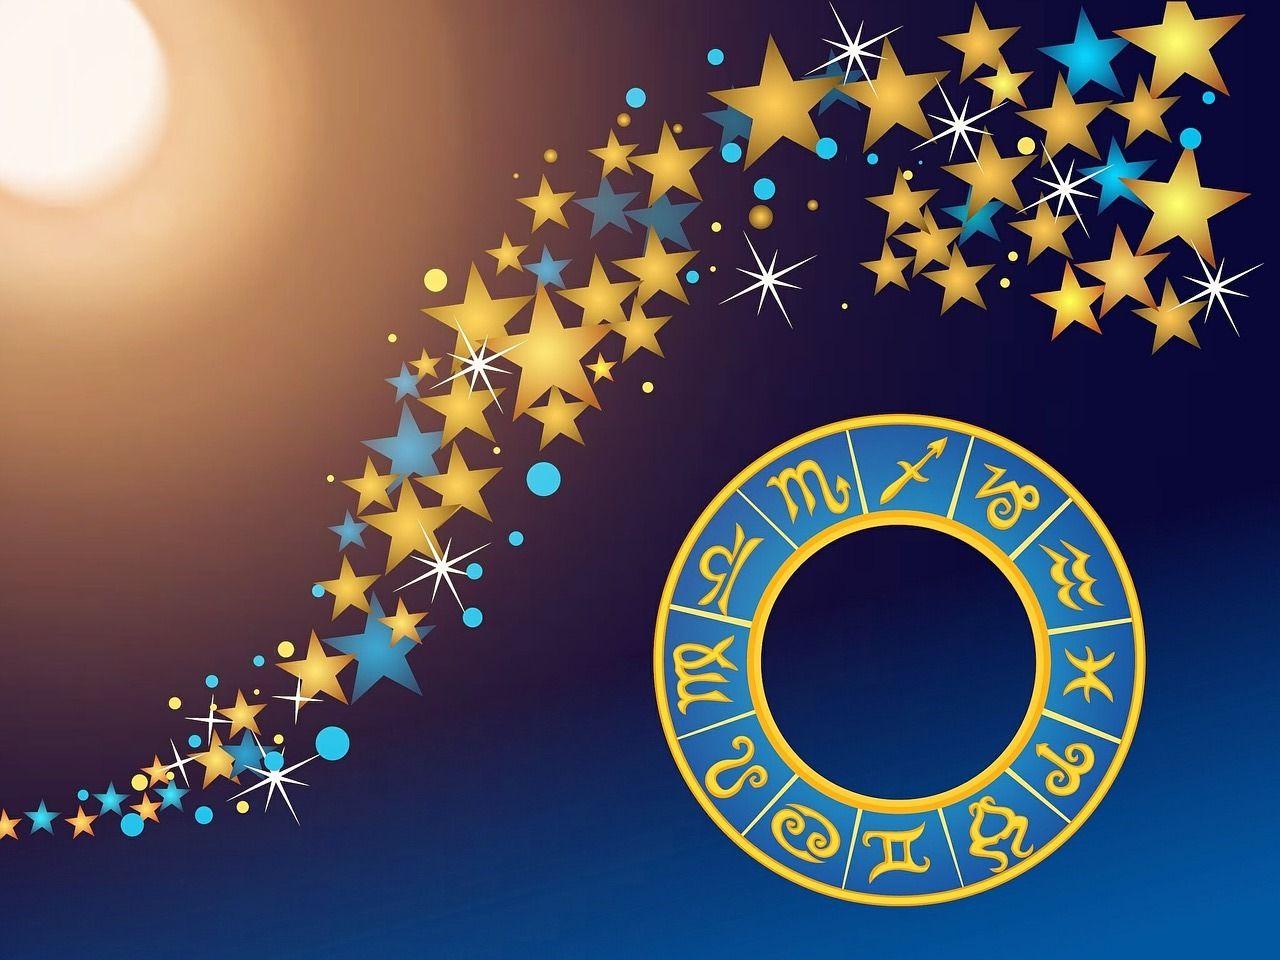 Bekannt Connaissez vous votre signe astrologique amérindien ? - Les idées  HT94